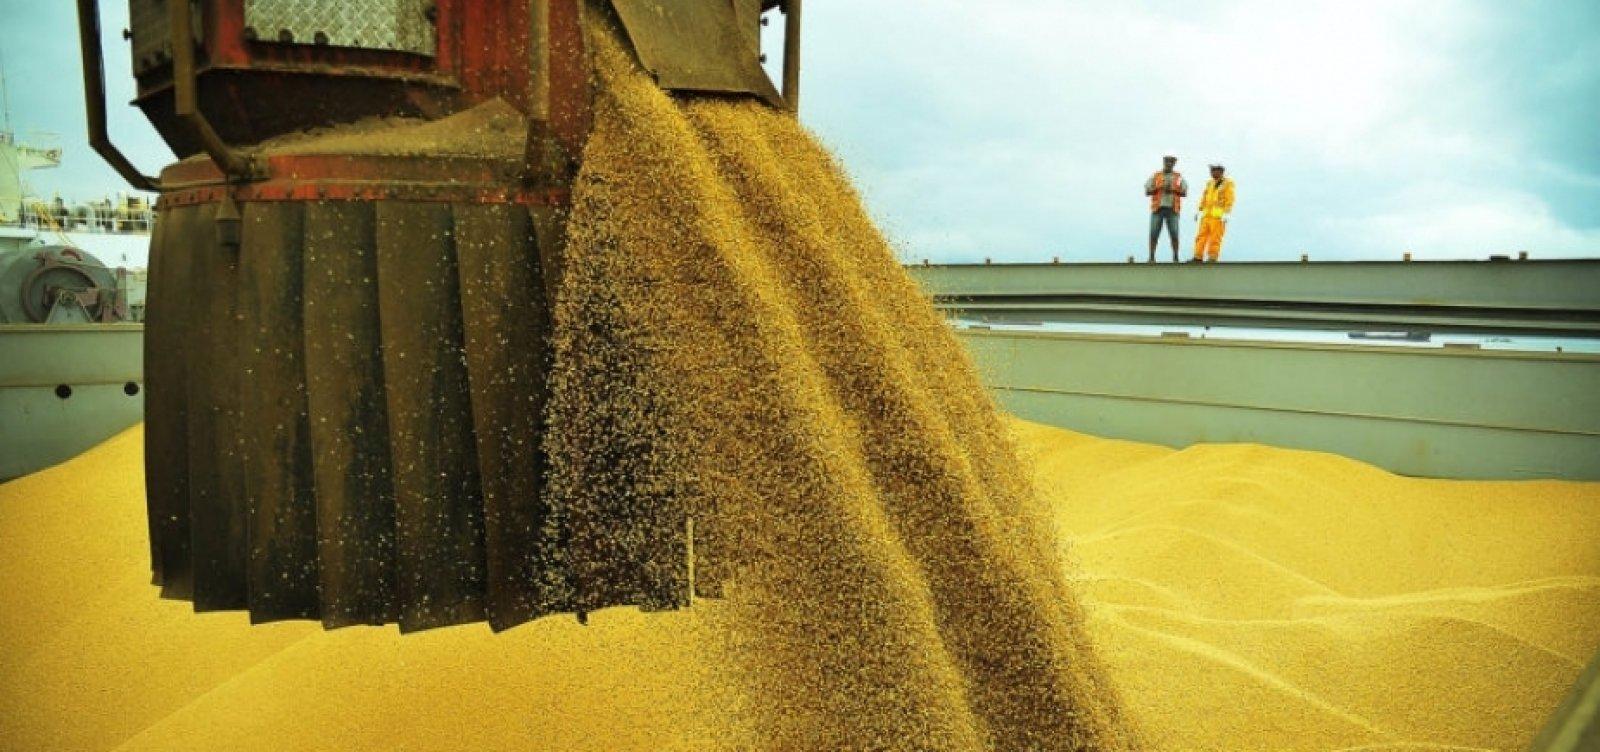 [China troca Brasil por EUA na compra de 1 milhão de toneladas de soja]